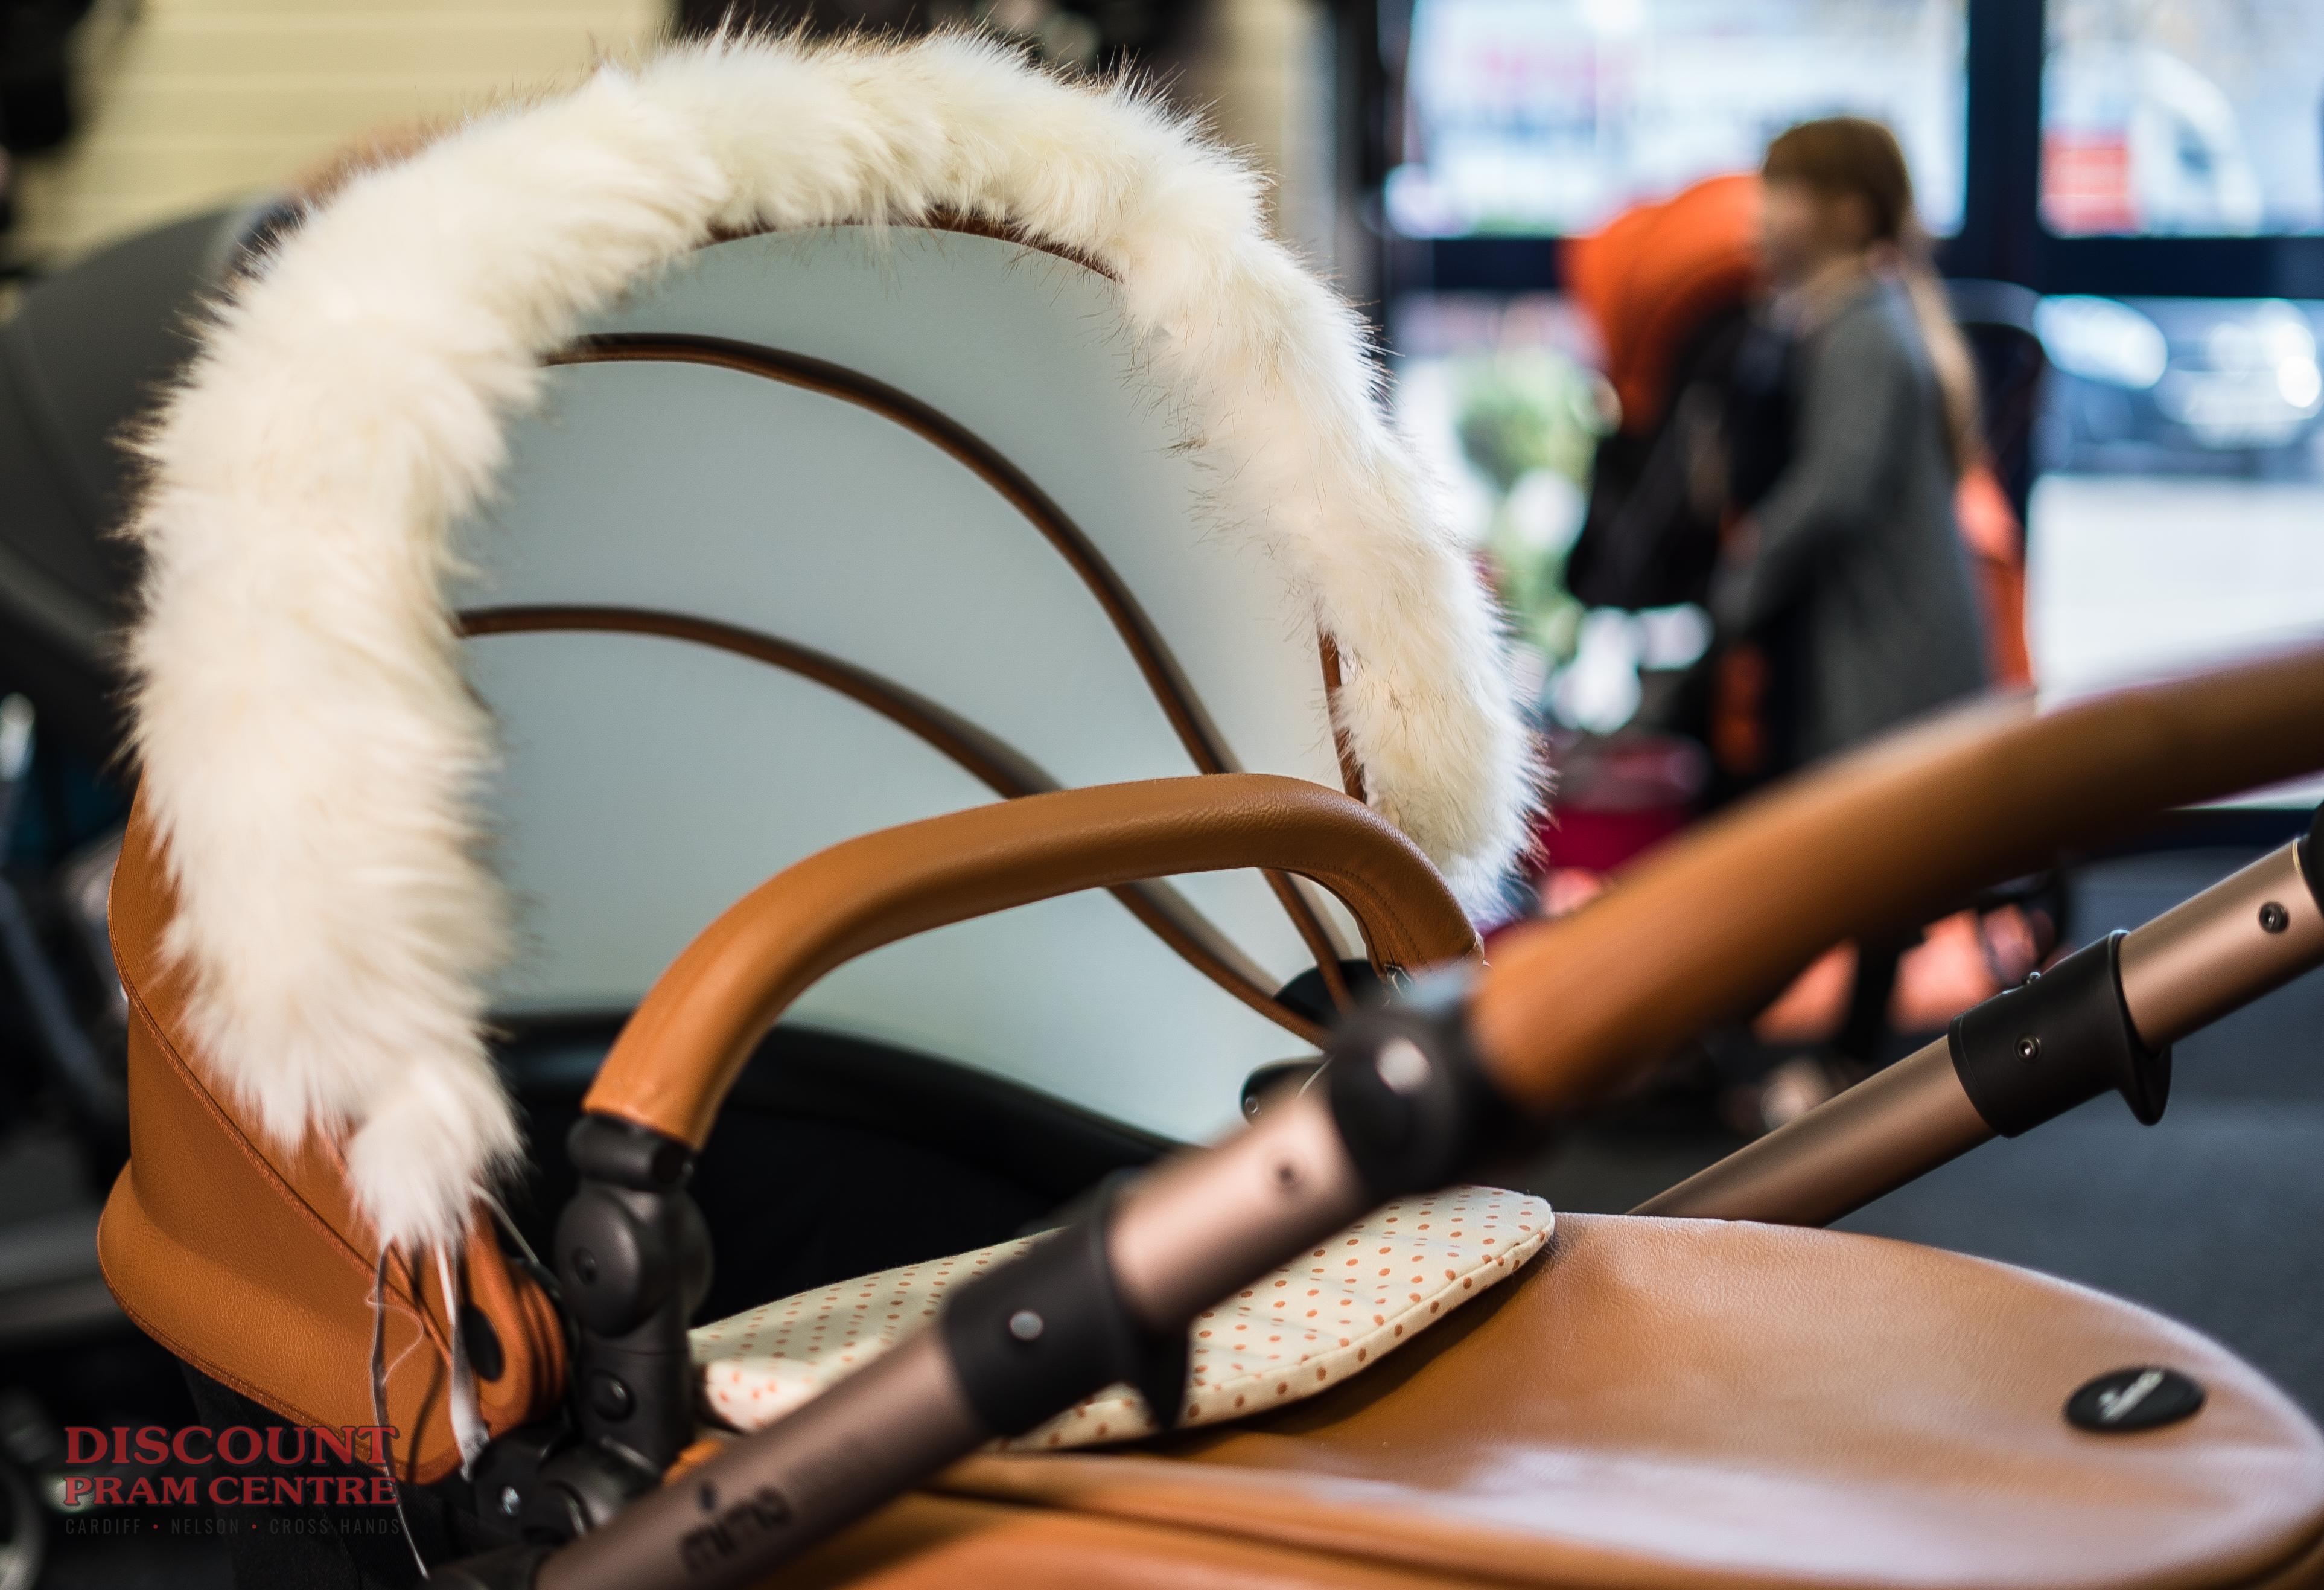 Pram Furs - Discount Pram Centre - 19